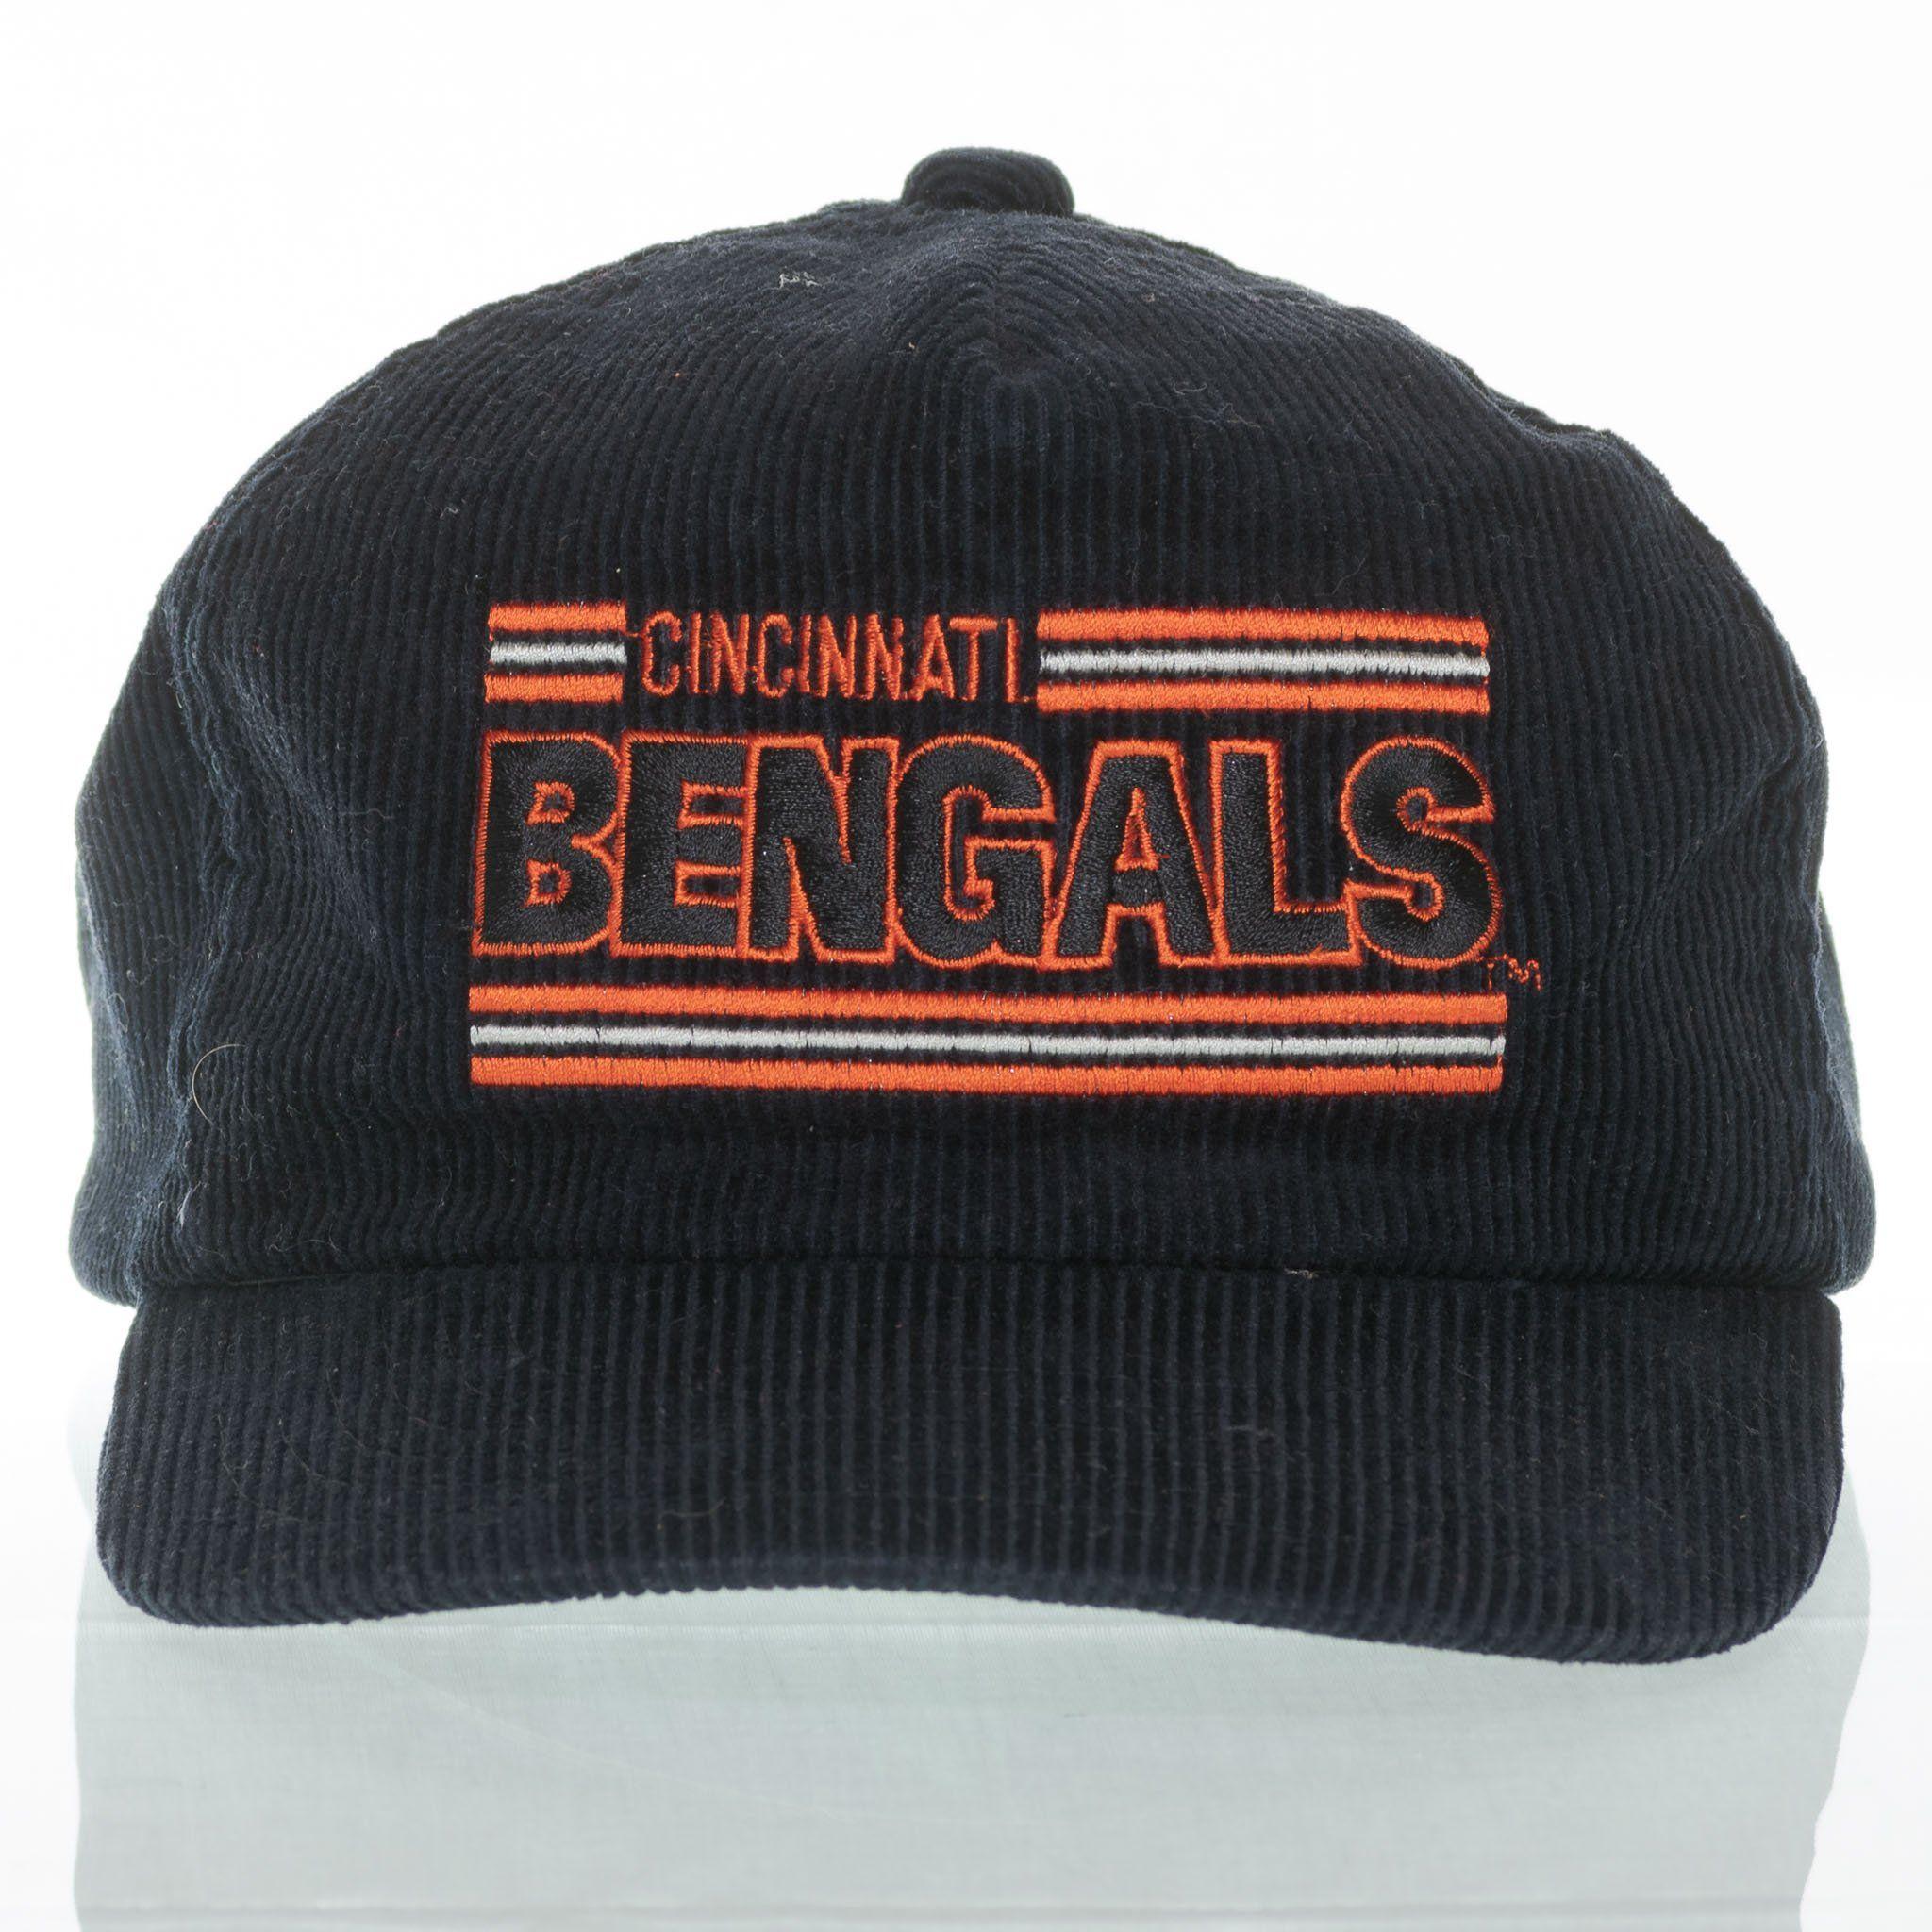 on sale 2a147 6c79e Cincinnati Bengals Snapback Hat Vintage Split Bar Corduroy Drew Pearson One  Size